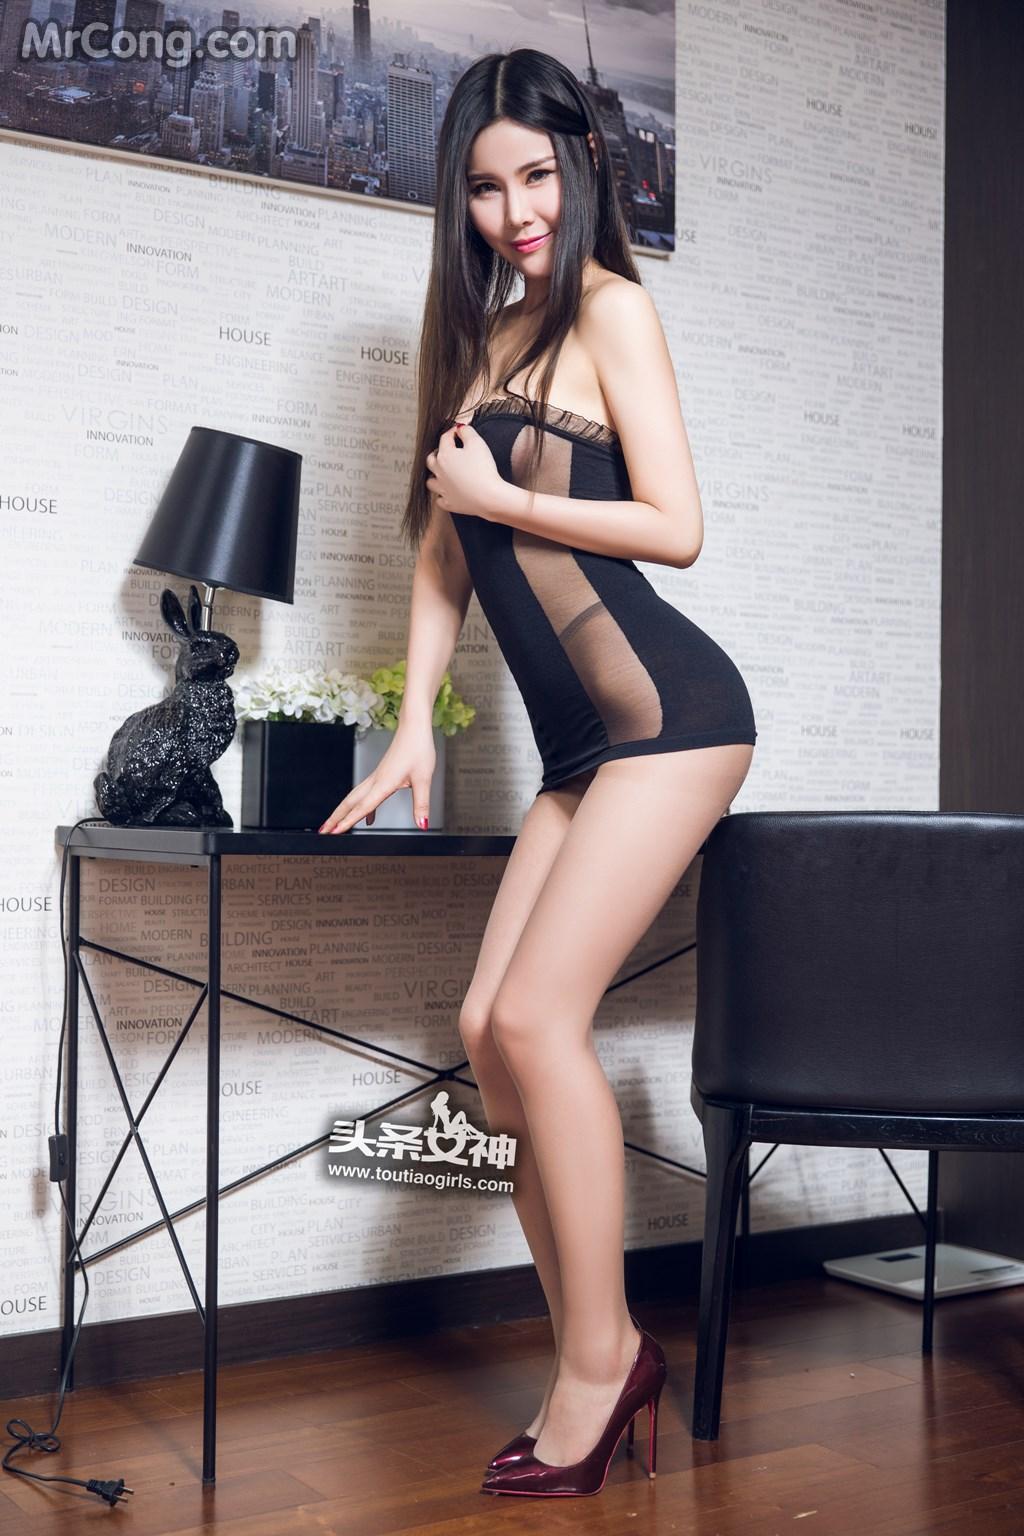 TouTiao 2017-03-13: Model Bing Bing (冰冰) (16P)